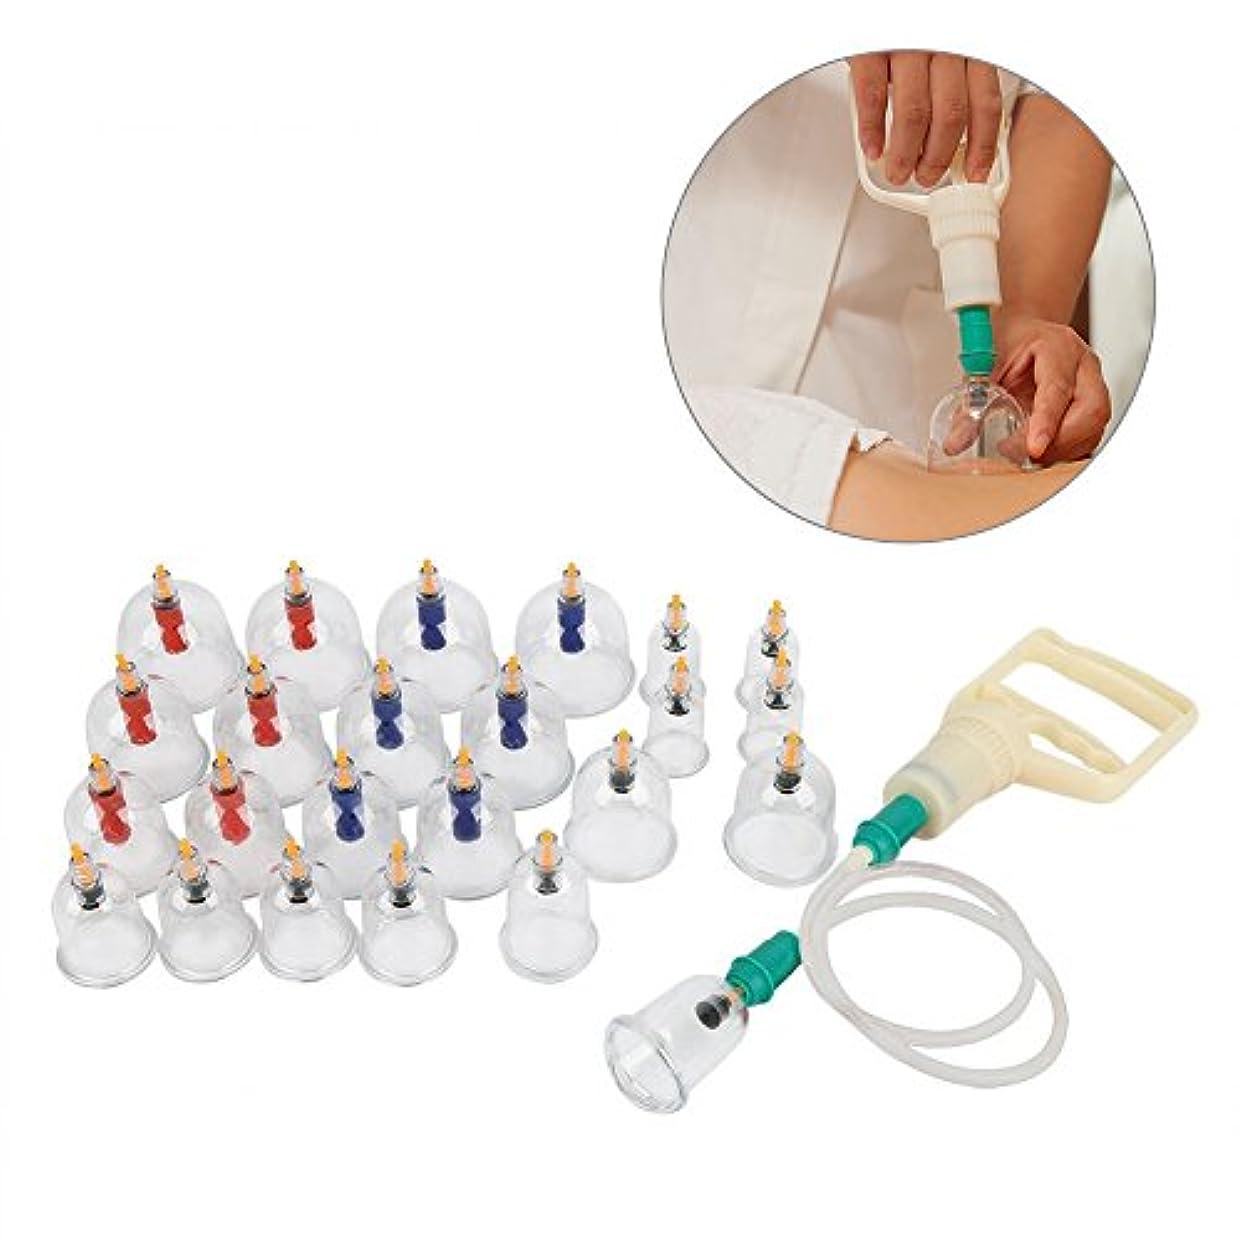 収束する余裕がある中国24個のU字型カッピング真空マッサージ療法ボディの真空サクションカップ伝統的な中国の医療用真空